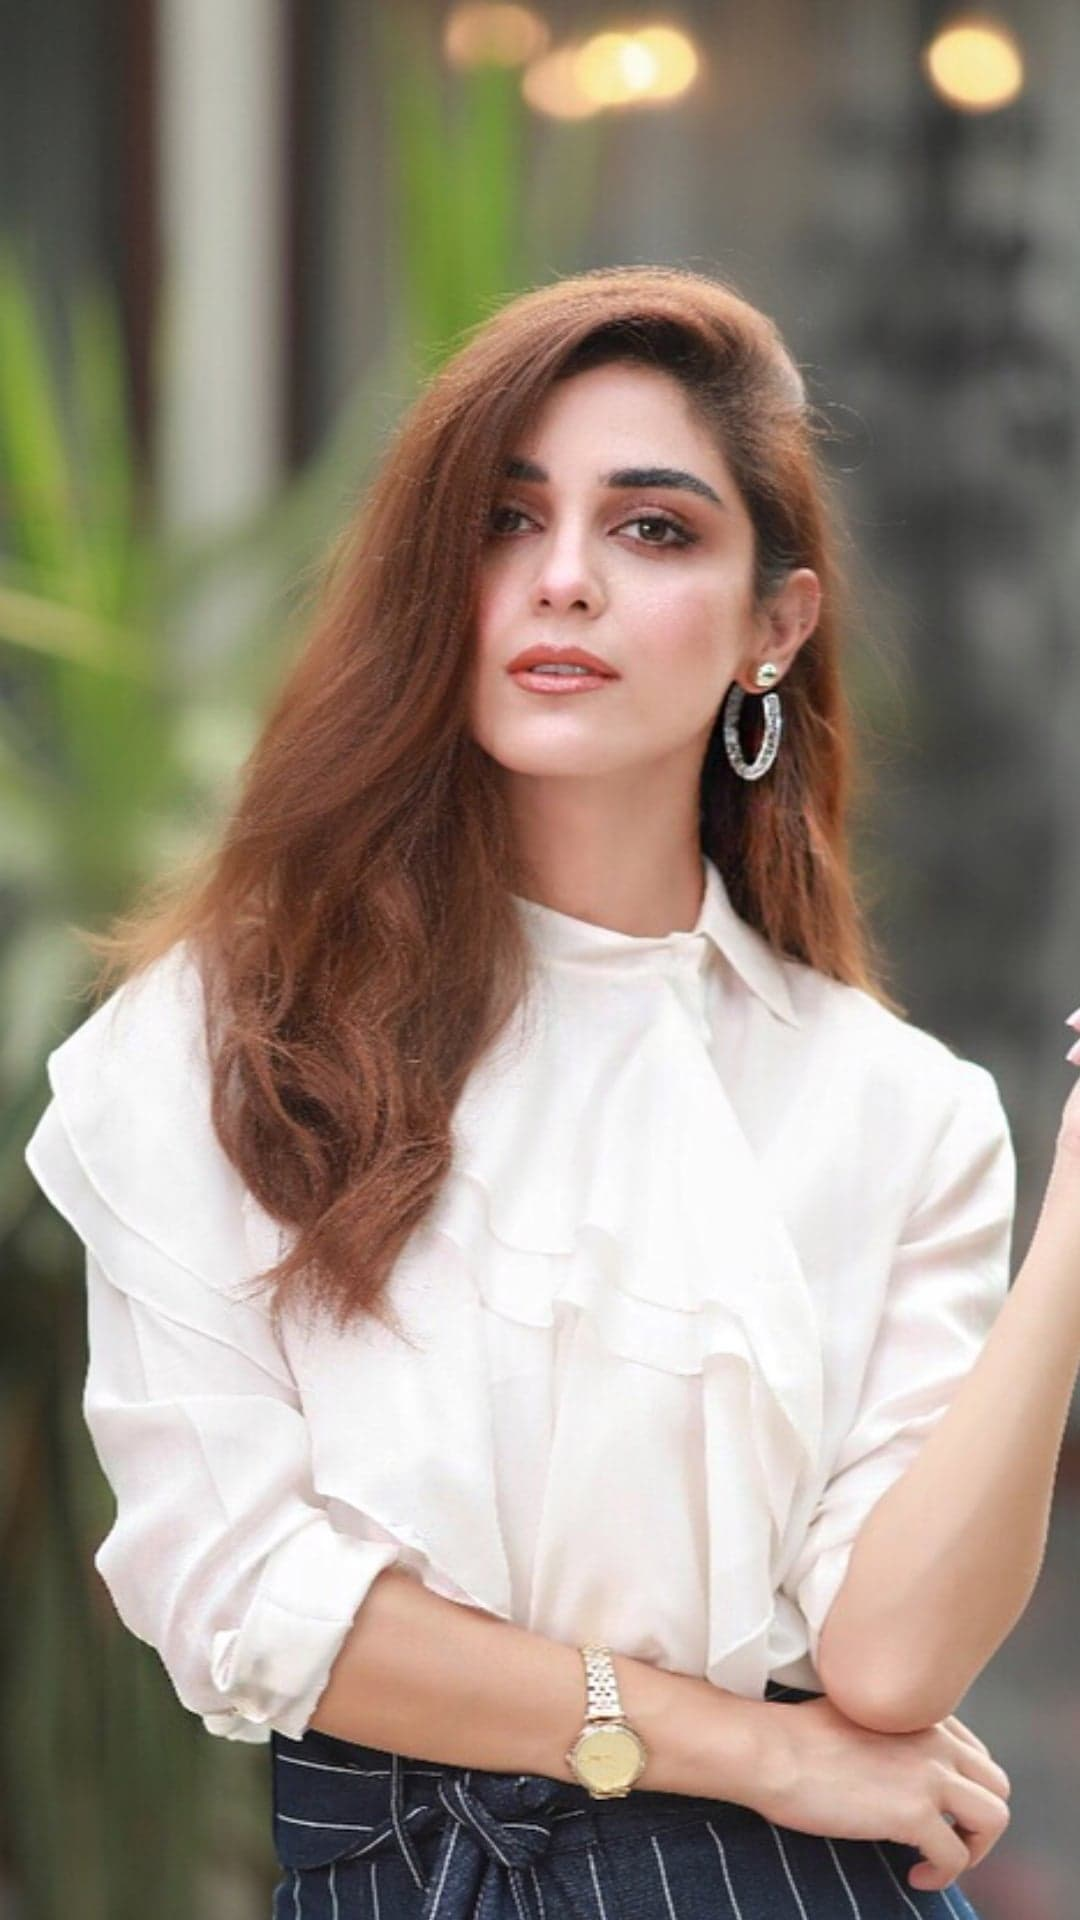 Top 5 Natural & Glamorous Makeup Looks of Maya Ali